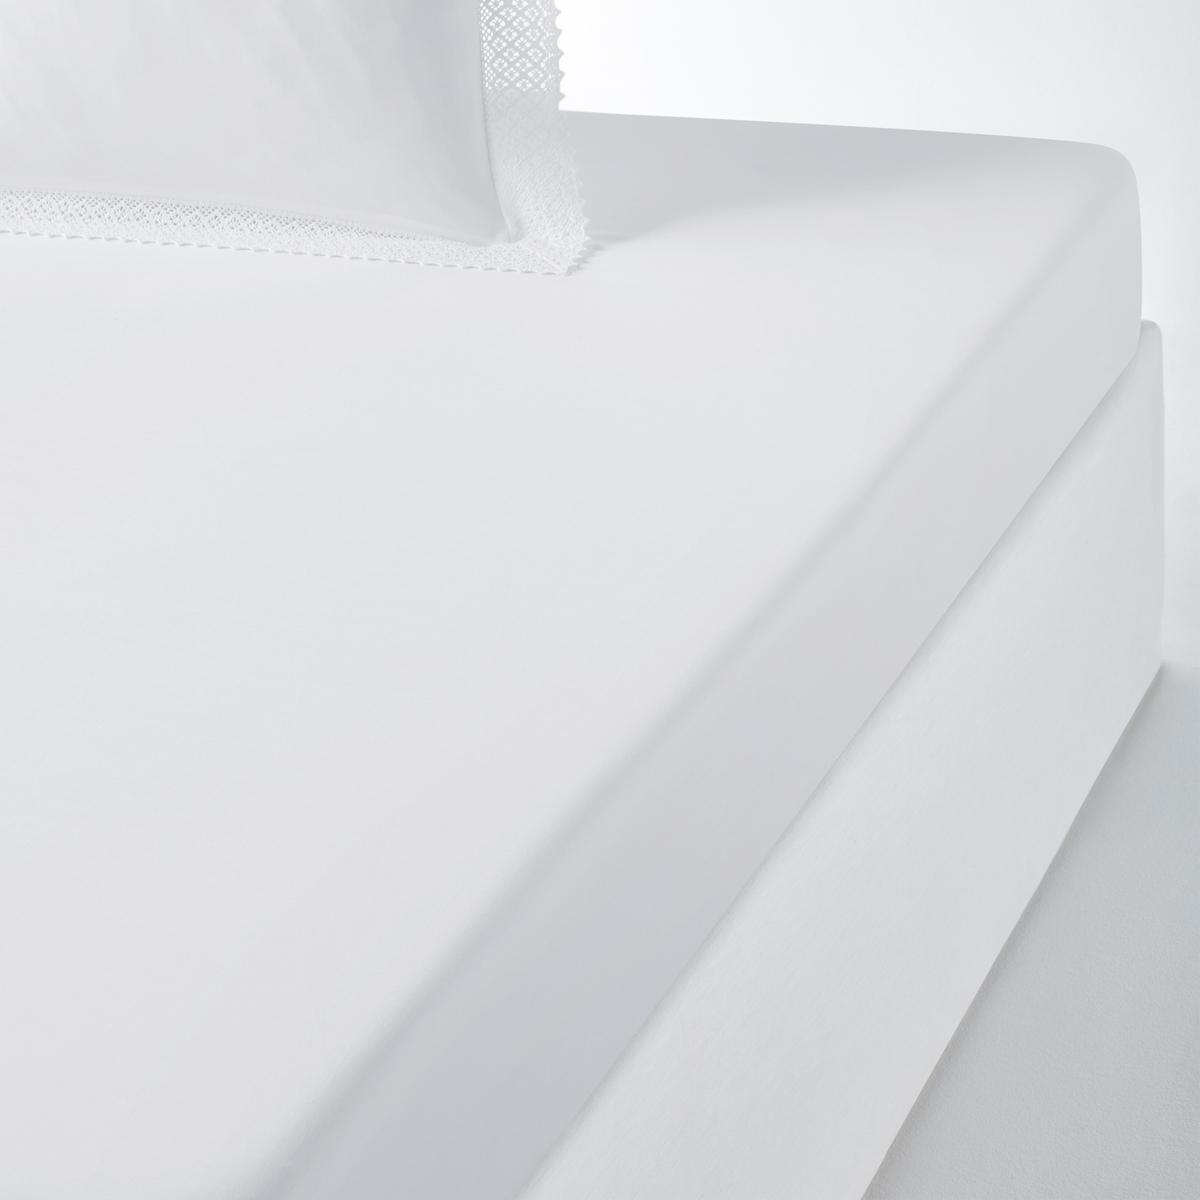 Простыня La Redoute Натяжная DENTELLE 90 x 190 см белый чехол la redoute защитный для матраса натяжной из эластичной микрофибры 90 x 190 см белый